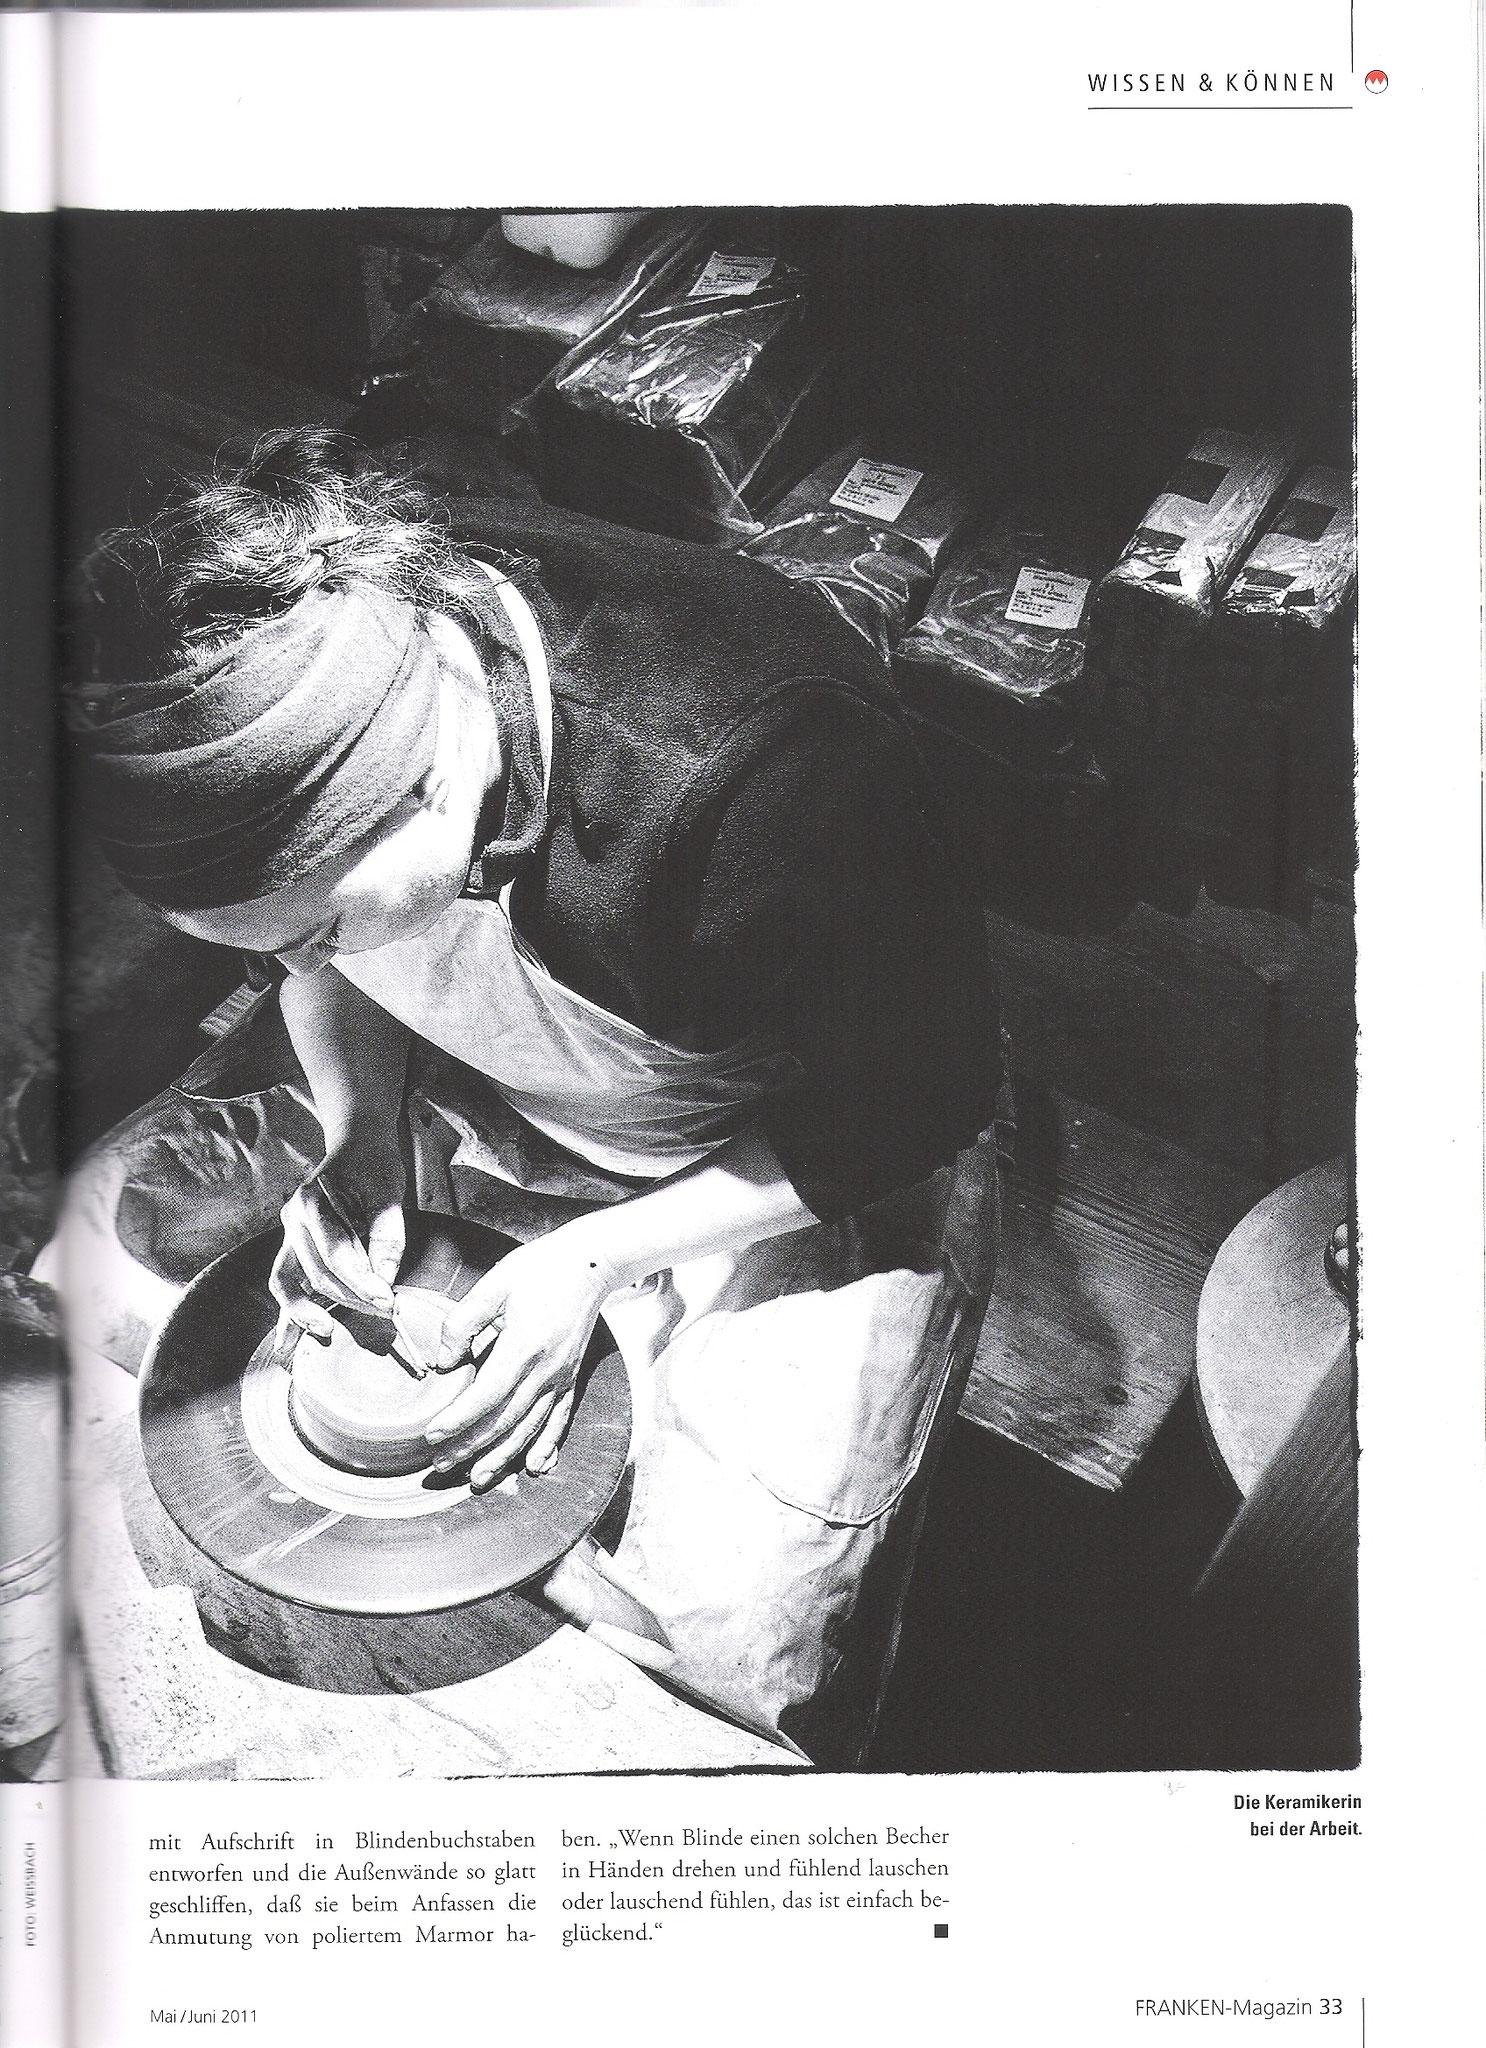 Aufschrift in Blindenbuchstaben - FRANKEN-Magazin